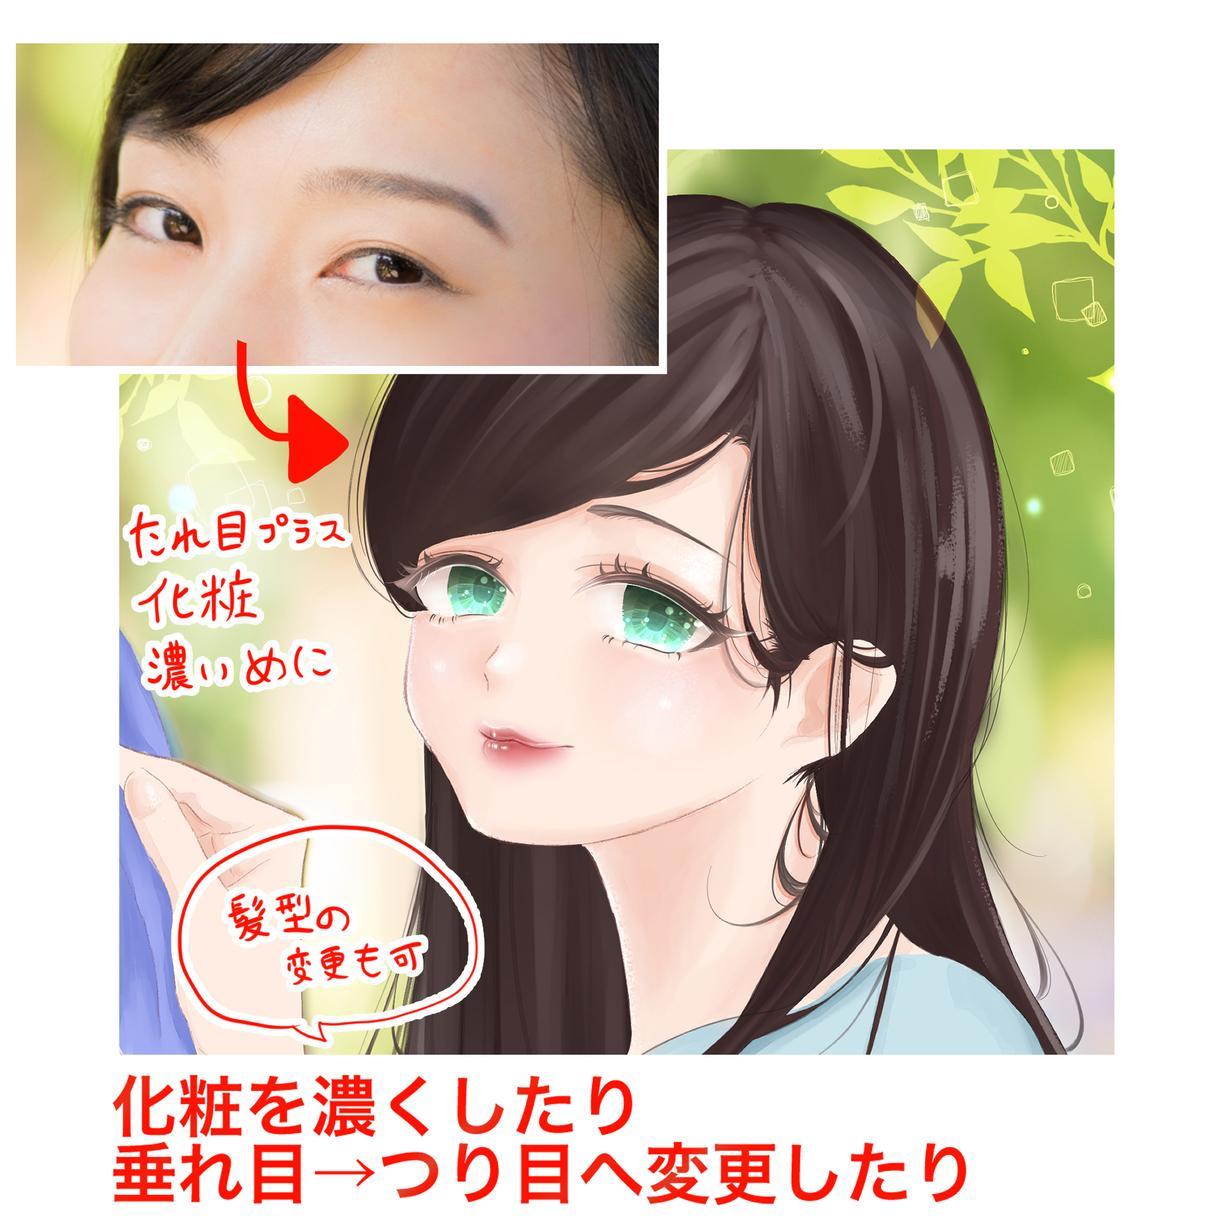 写真を使って似顔絵!リアル/アニメ風選べます プレゼントやアイコンにも♪絵柄を選んで失敗ナシ!